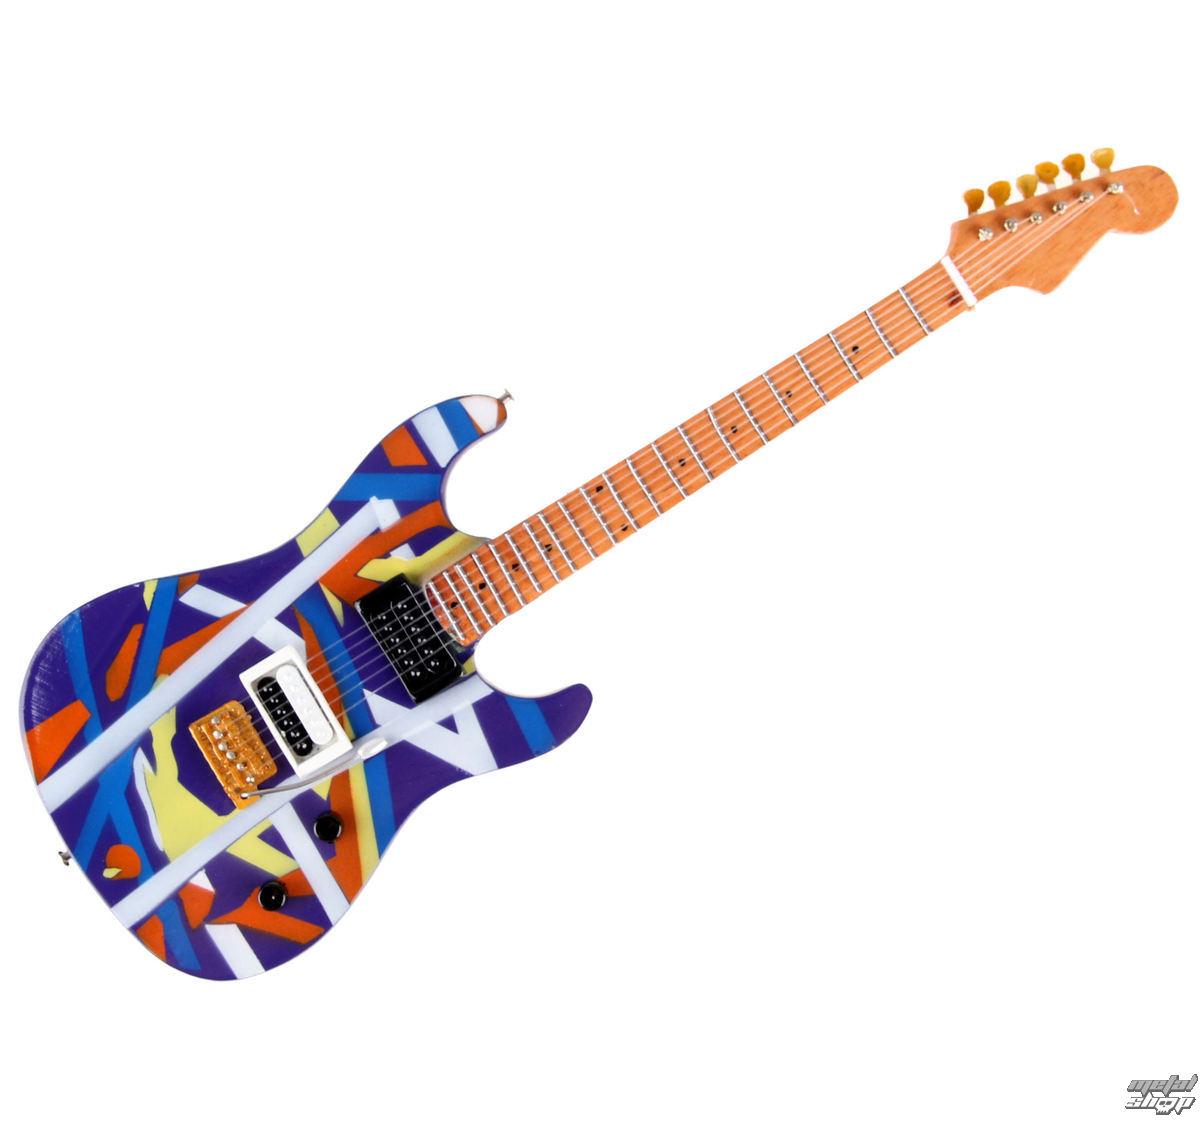 kytara Van Halen - Eddie Van Halen - Blue/Yellow - MGT-5609